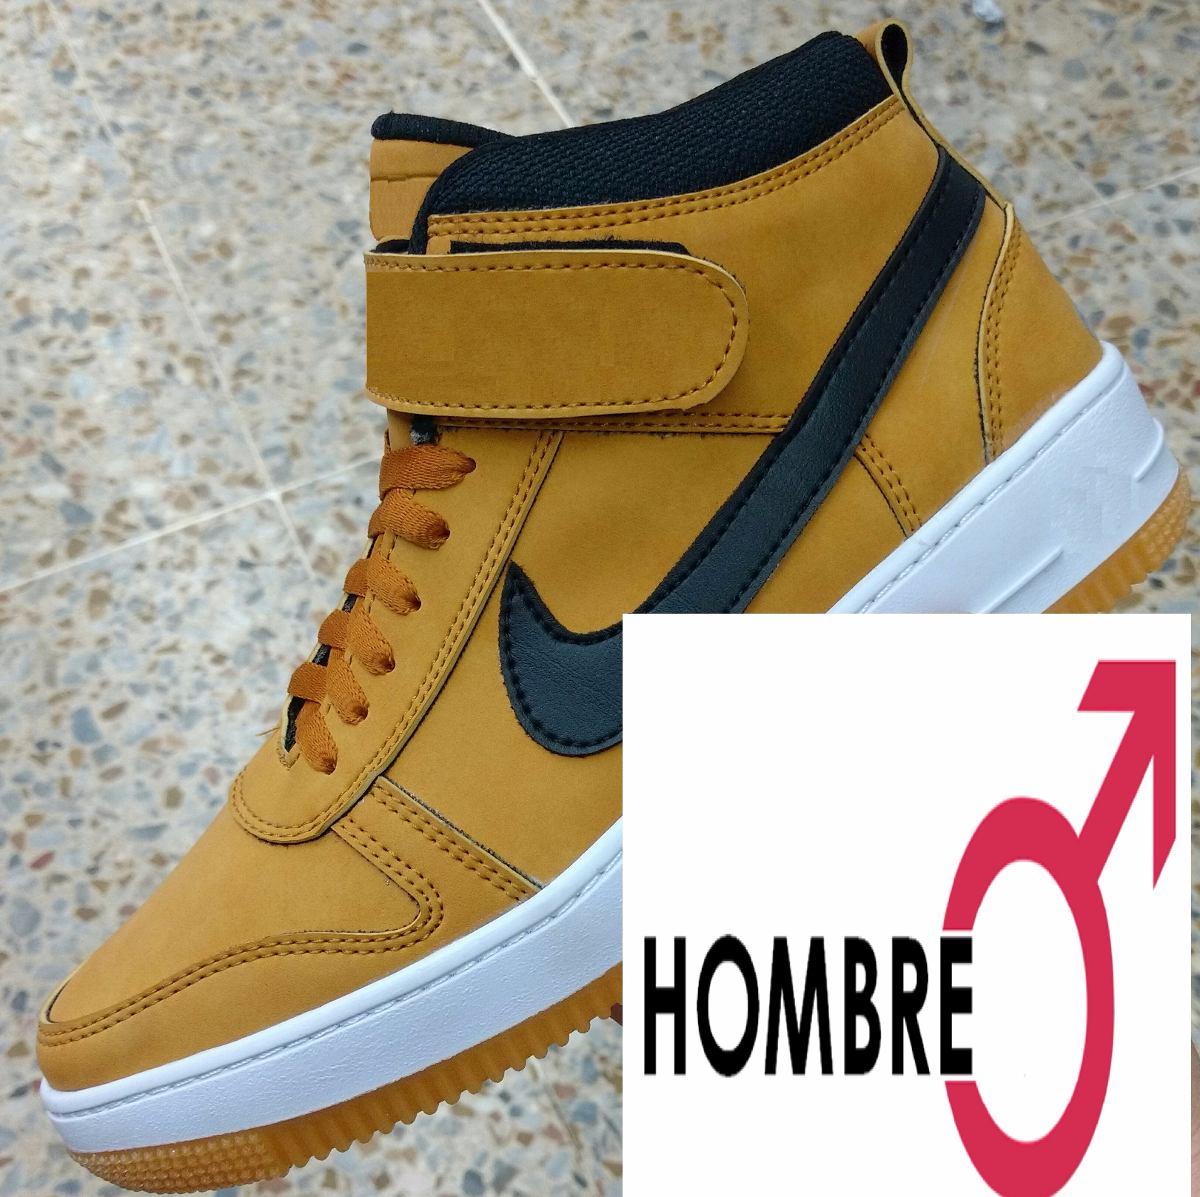 Para Calzado Hombre Moda Colombia Gratis Bota En Envio De nwO0m8vN